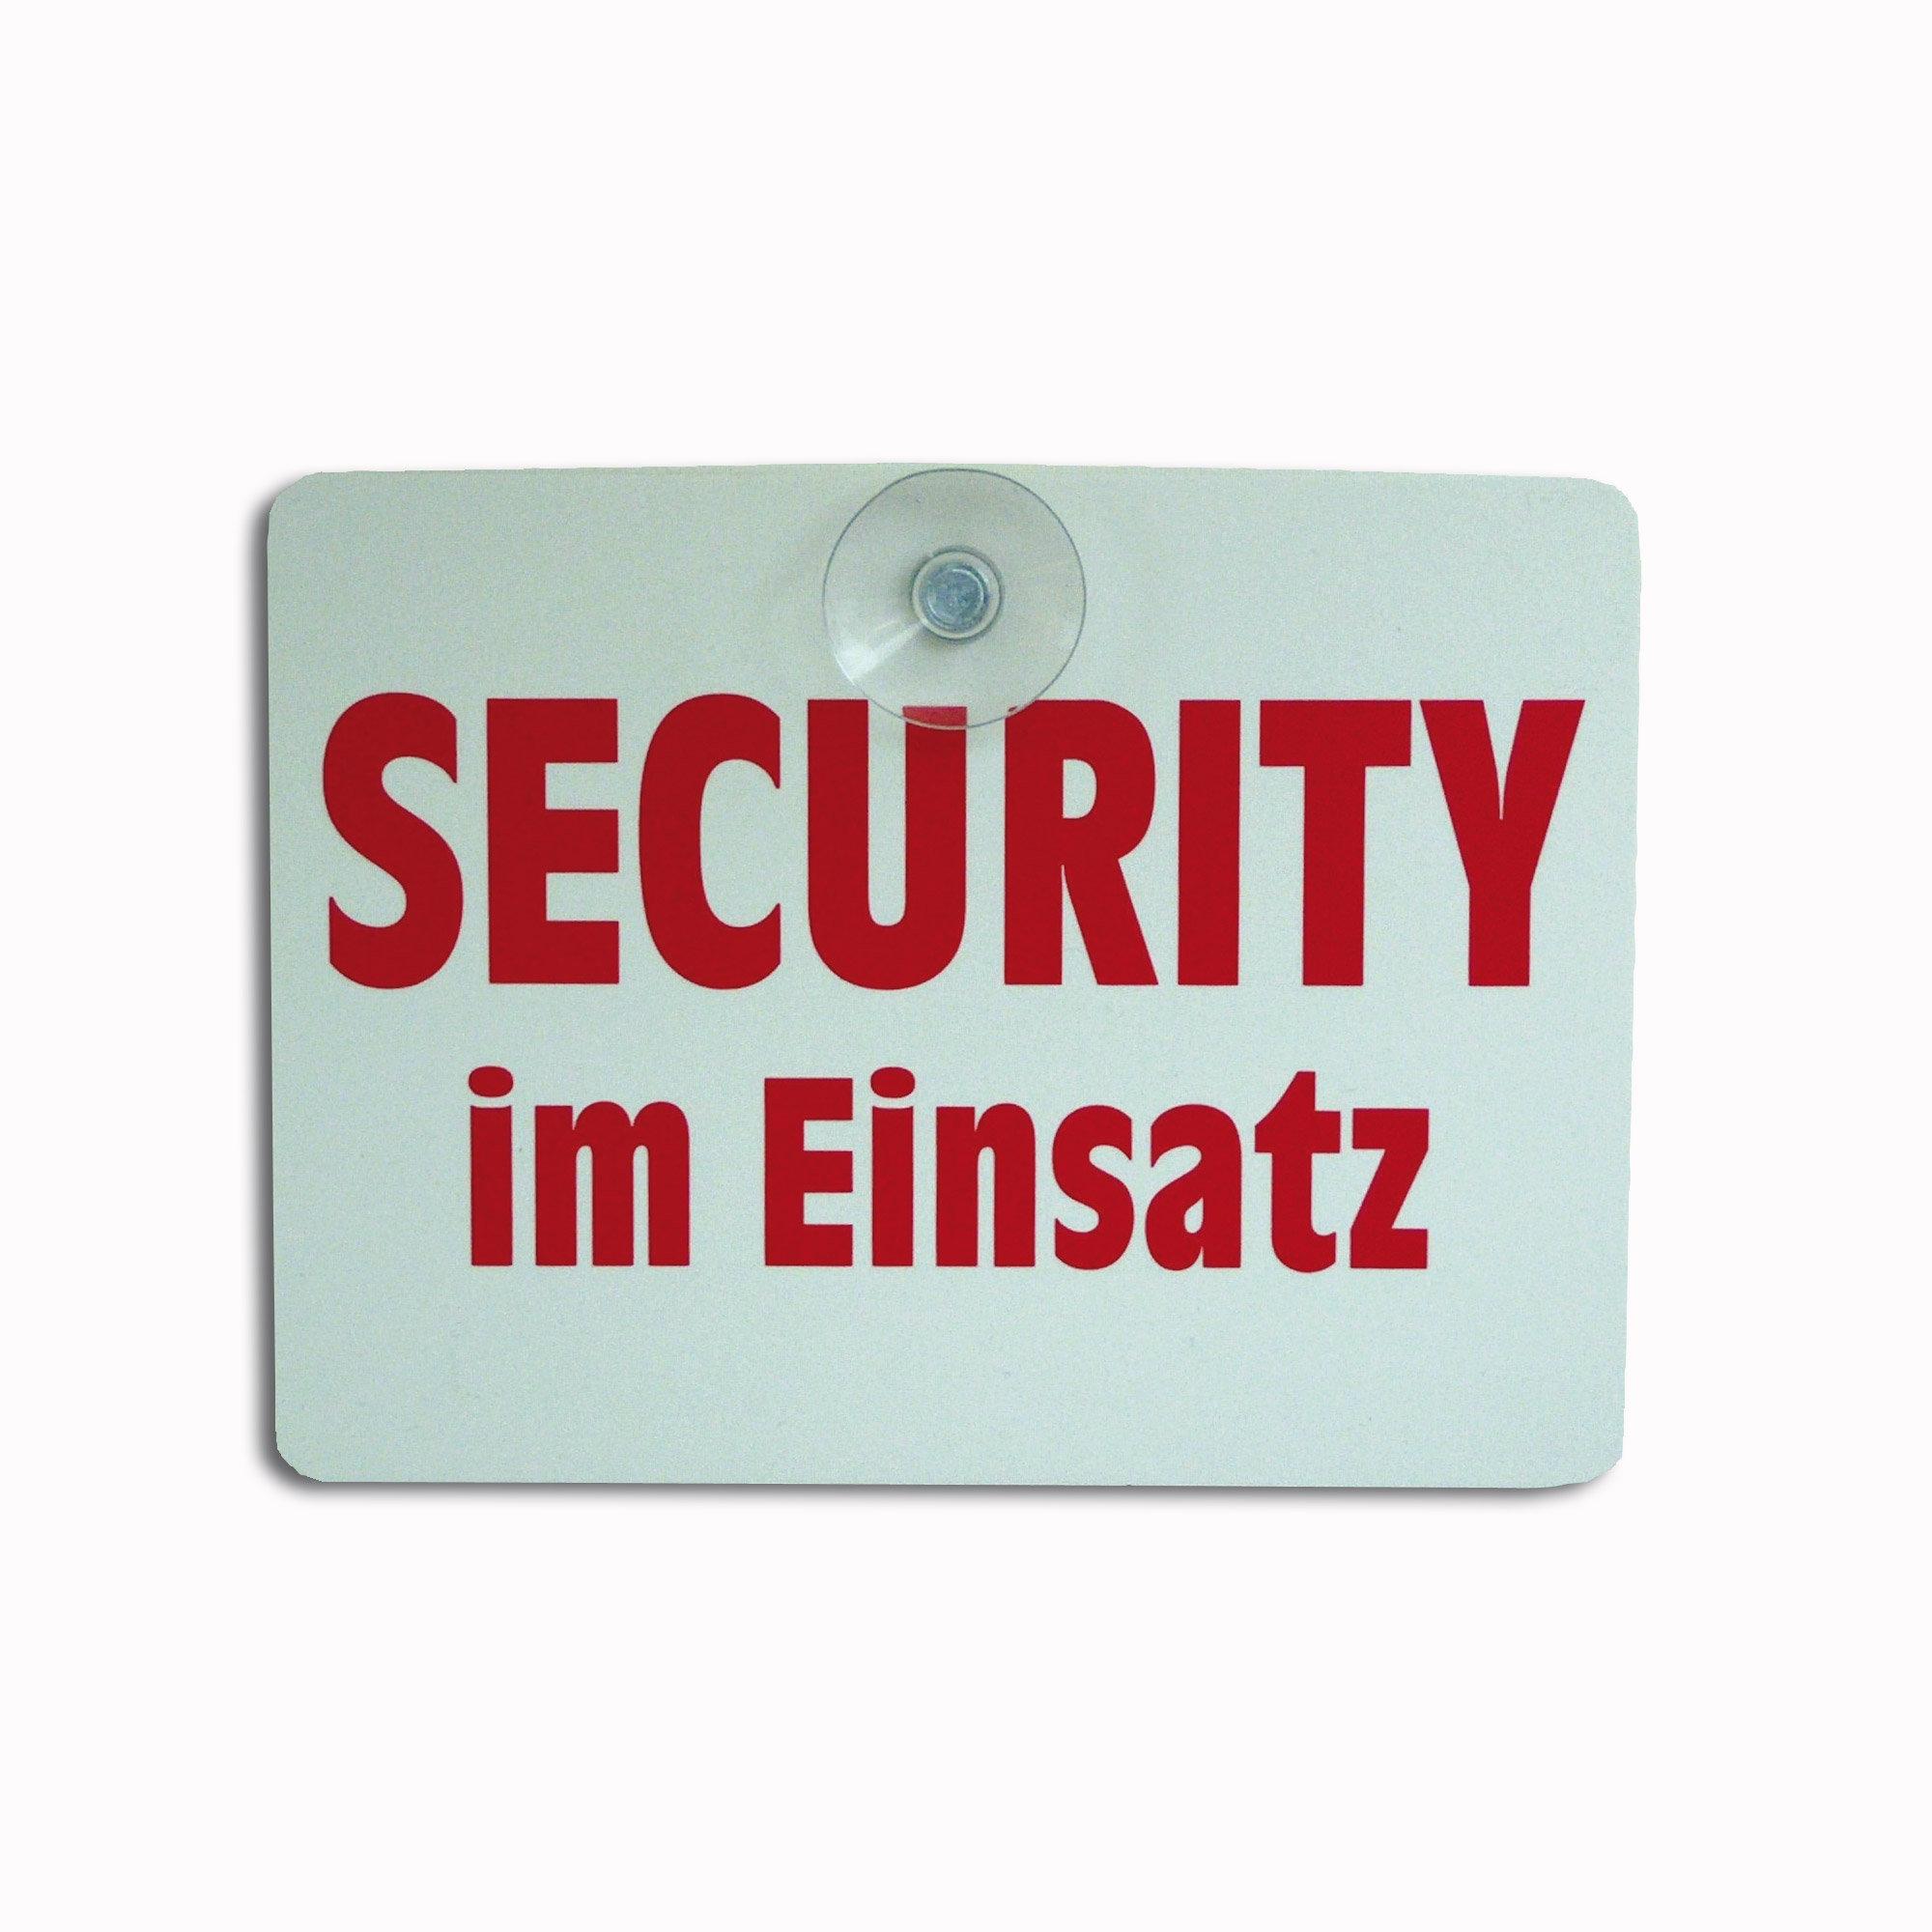 Panneau Security im Einsatz